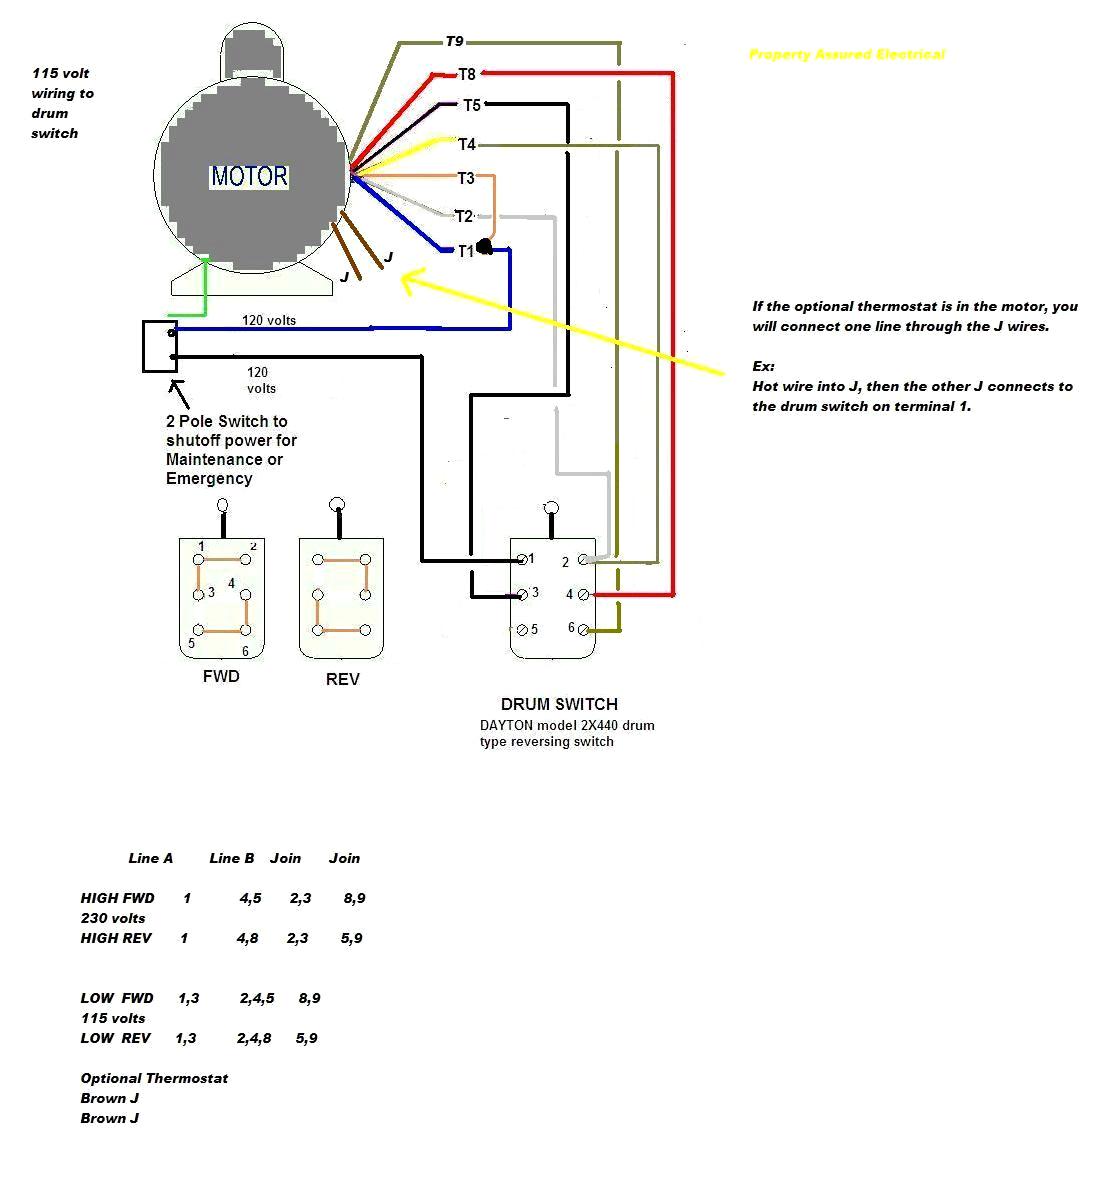 baldor 3 phase wiring diagram wiring diagram files baldor motor wiring diagrams single phase baldor motor